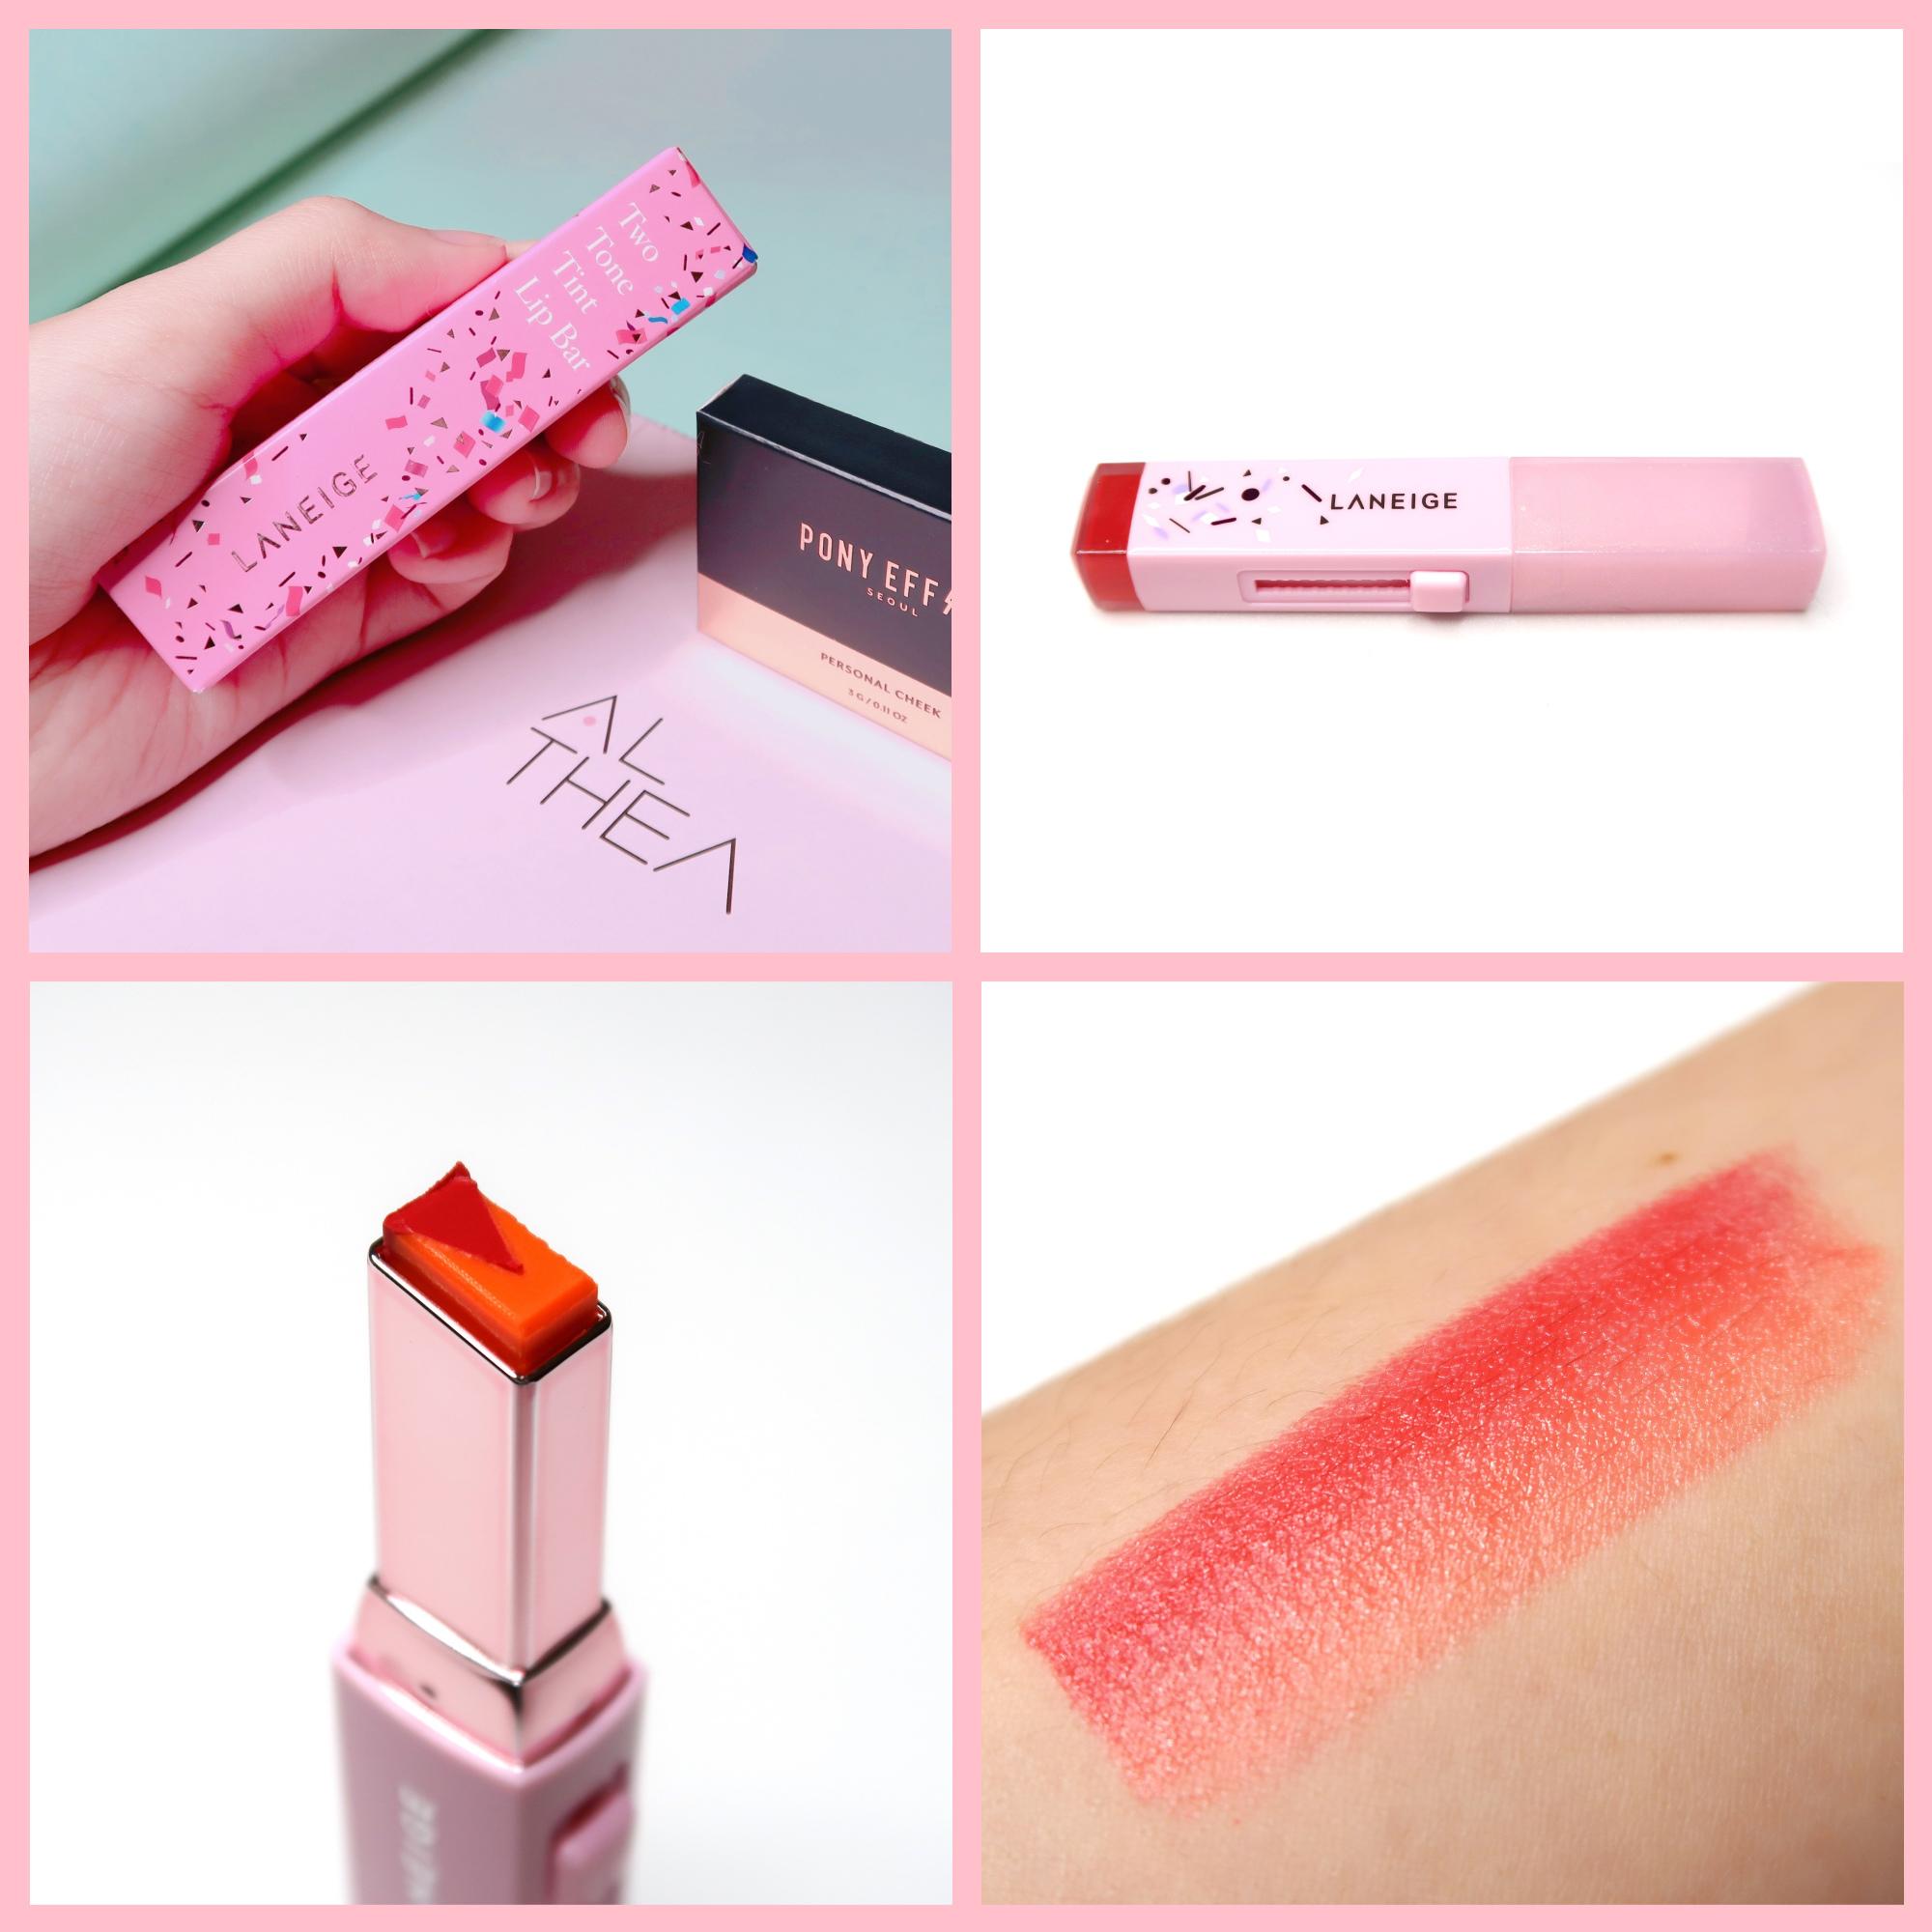 試色心得-LANEIGE蘭芝- 超放電晶潤雙色唇膏(翻玩派對限定版)-粉紅派對